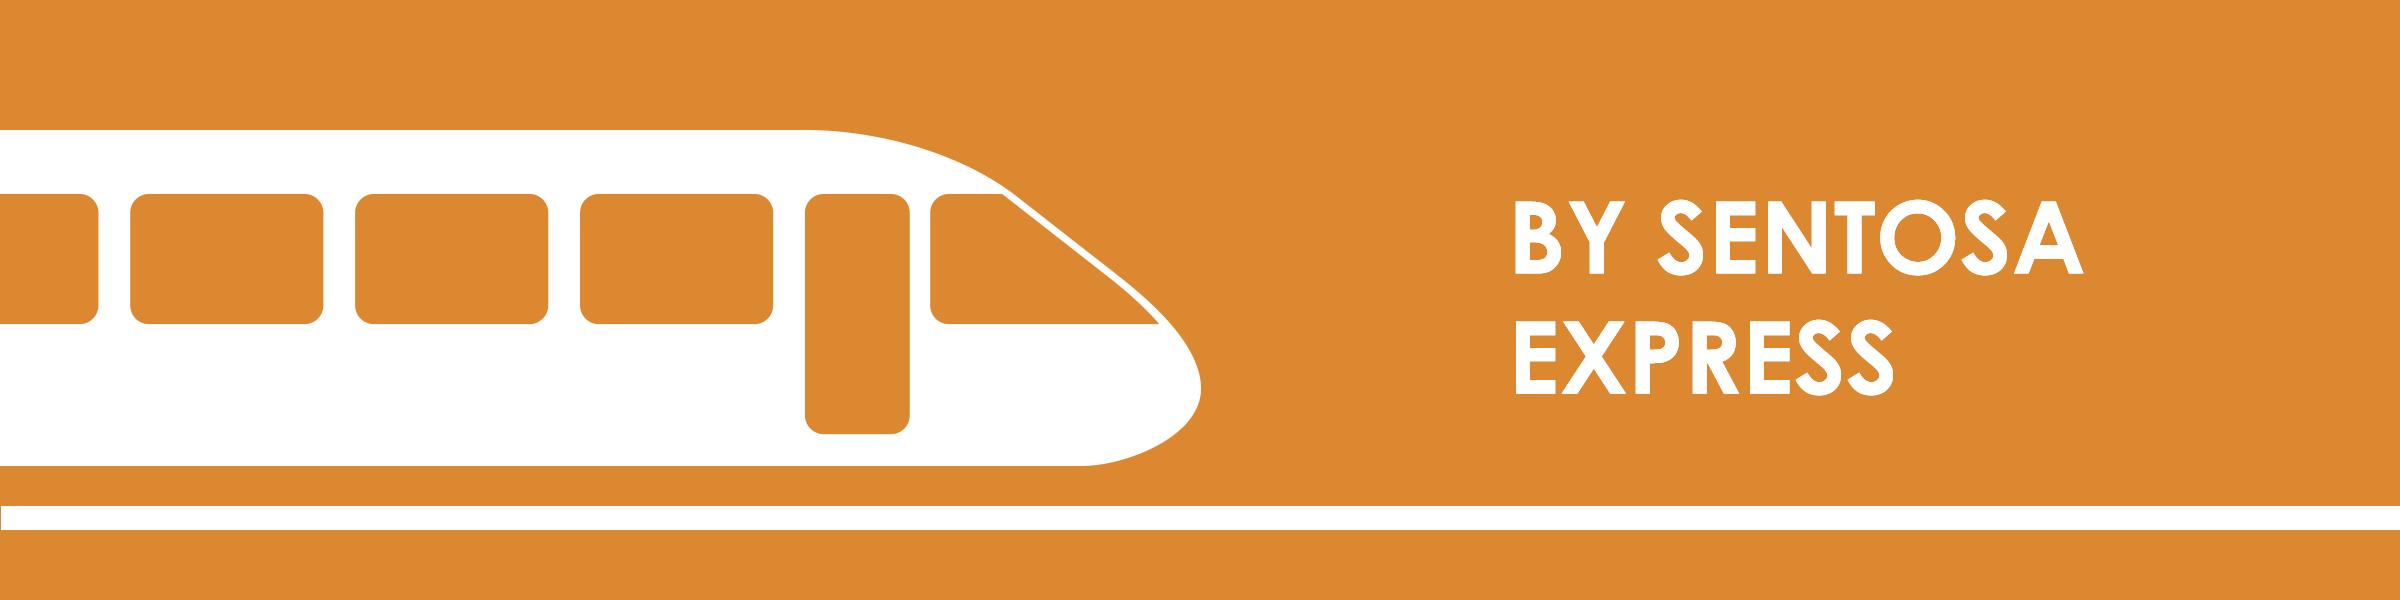 gettingthere-train.jpg